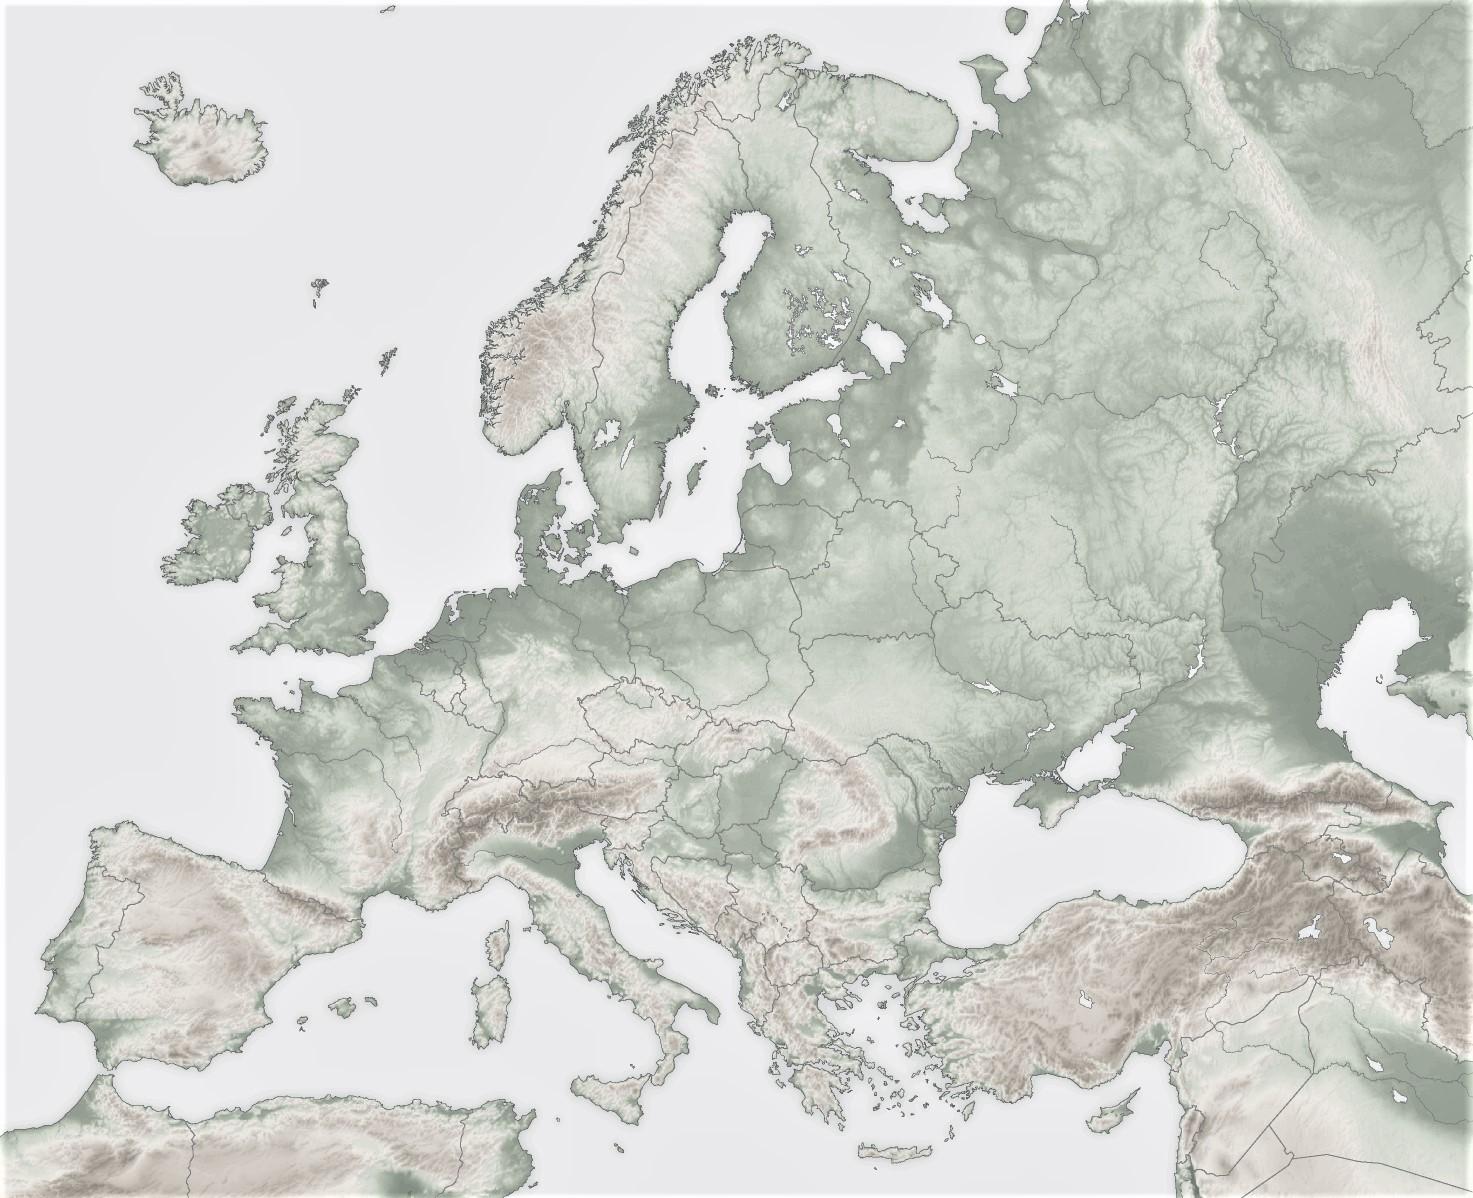 Mapa Fisico De Oceania Mudo Para Imprimir En Blanco Y Negro.Mapa Mudo Fisico De Europa En Blanco Y Negro Mapa